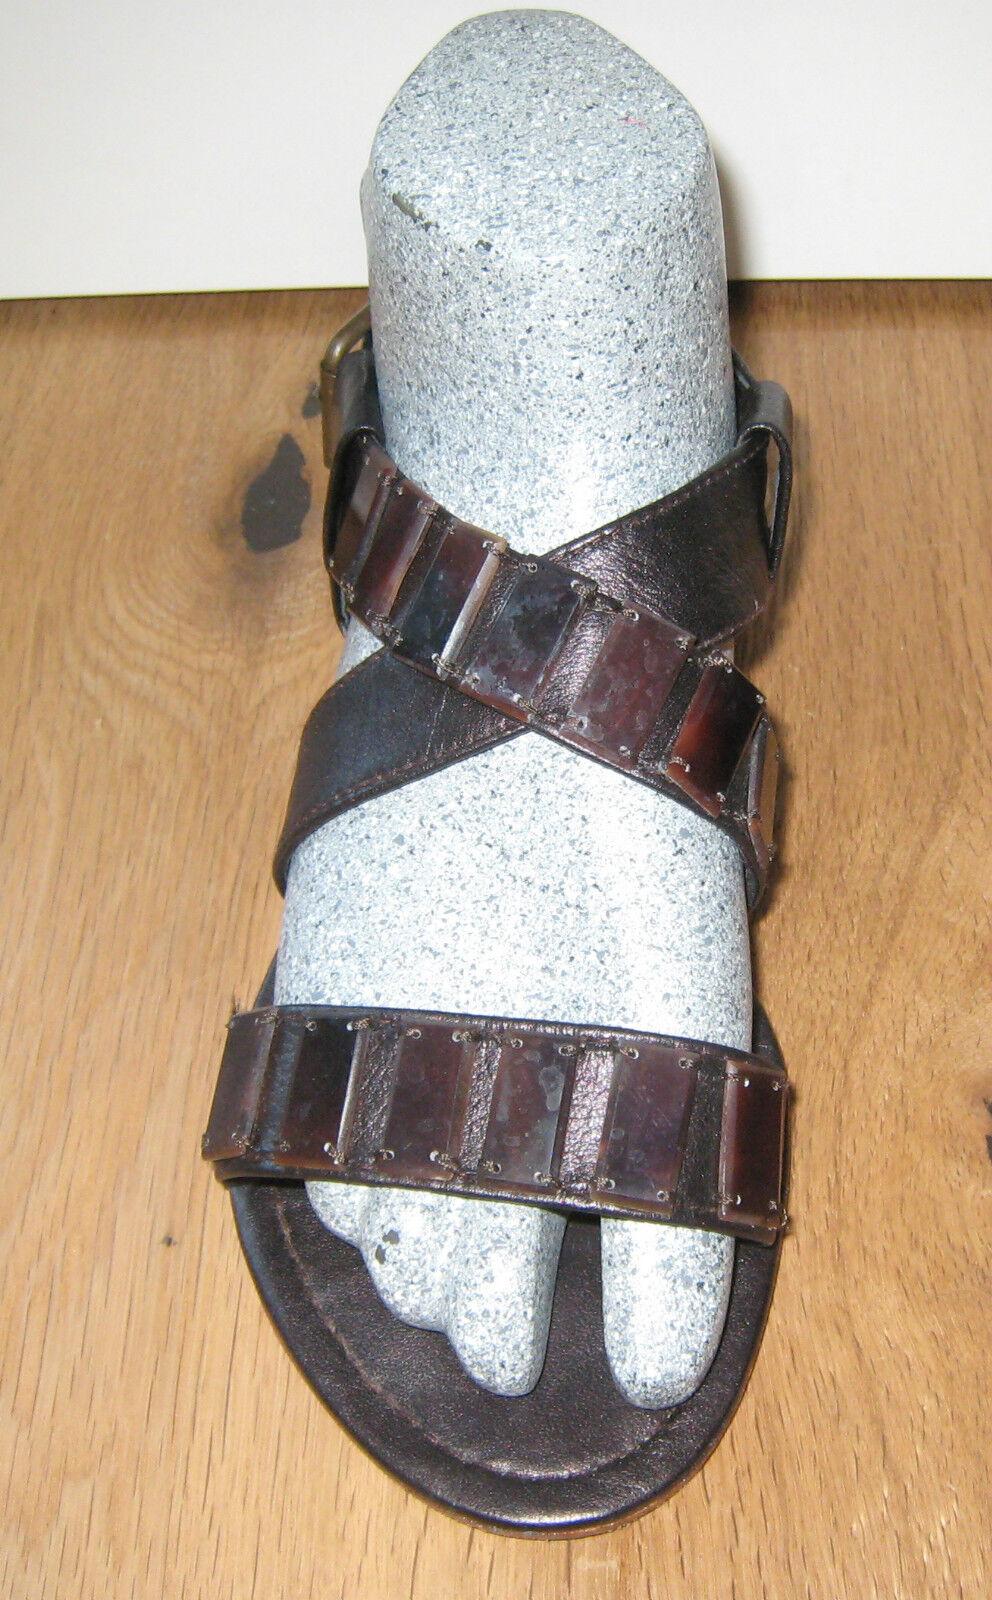 MALIPARMI SANDALO SANDALI Tg. elegante 38 marrone pietre elegante Tg. top efba17